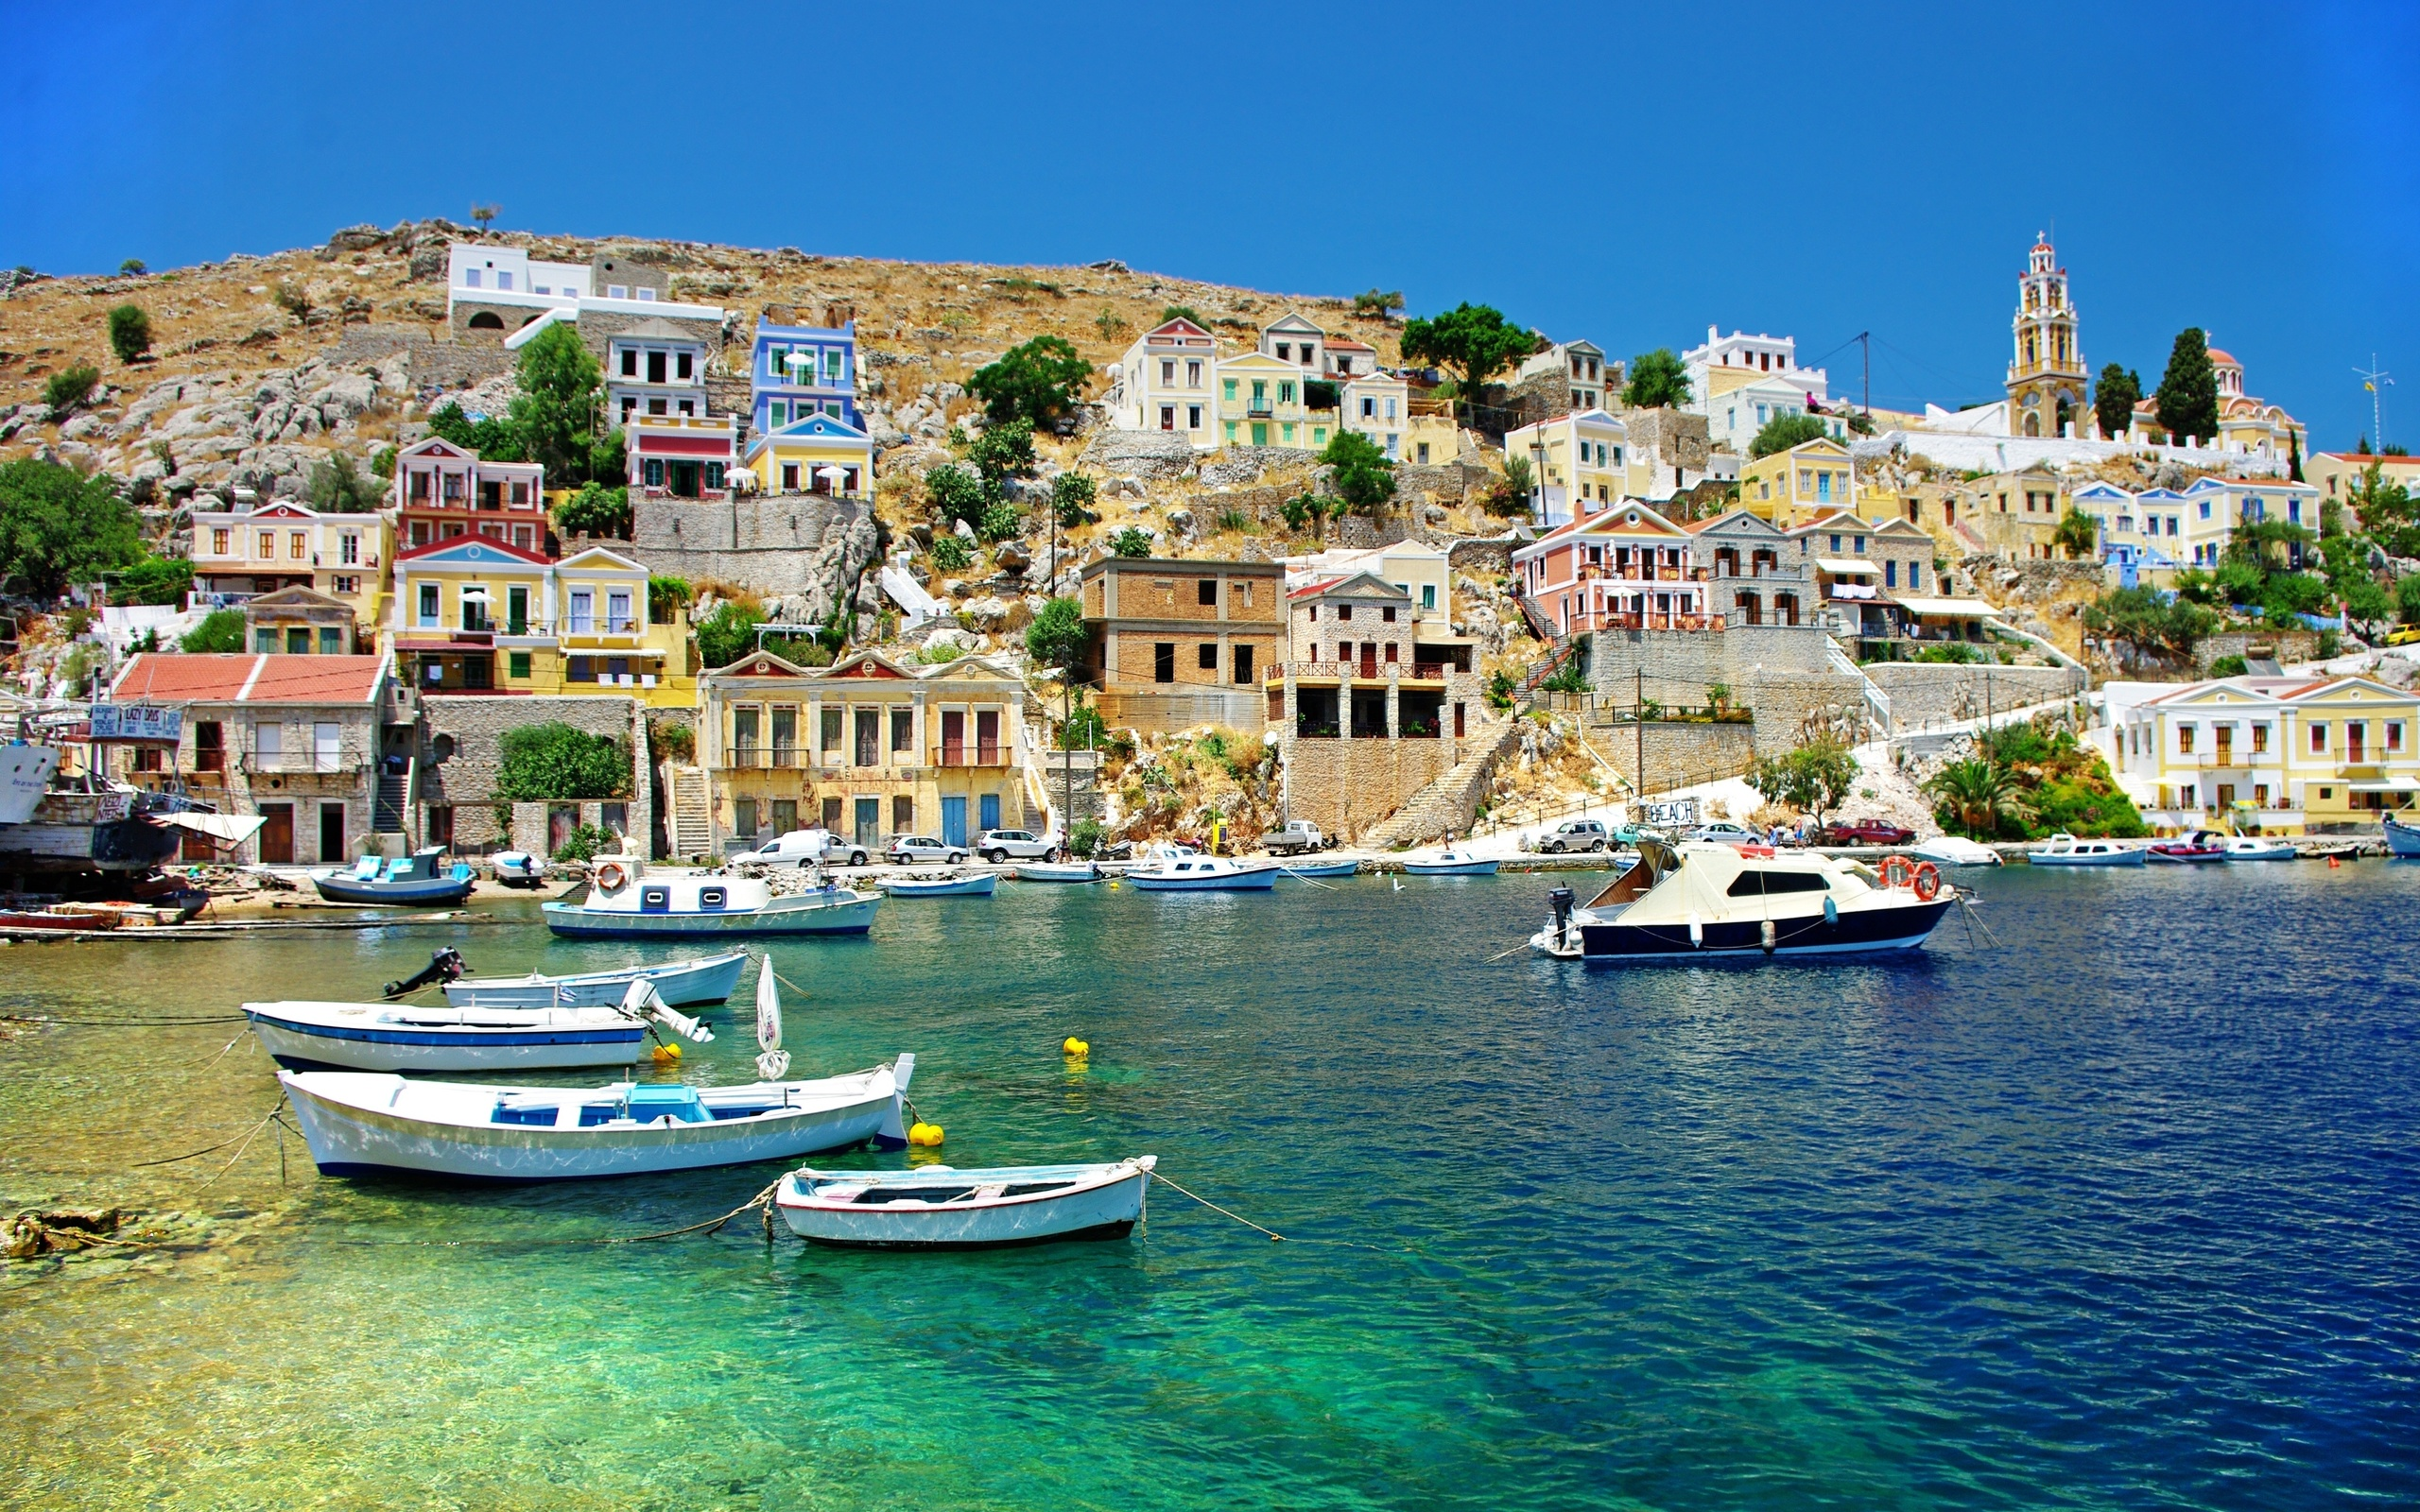 придания солидности отдых в греции фотографии что первом дивизионе